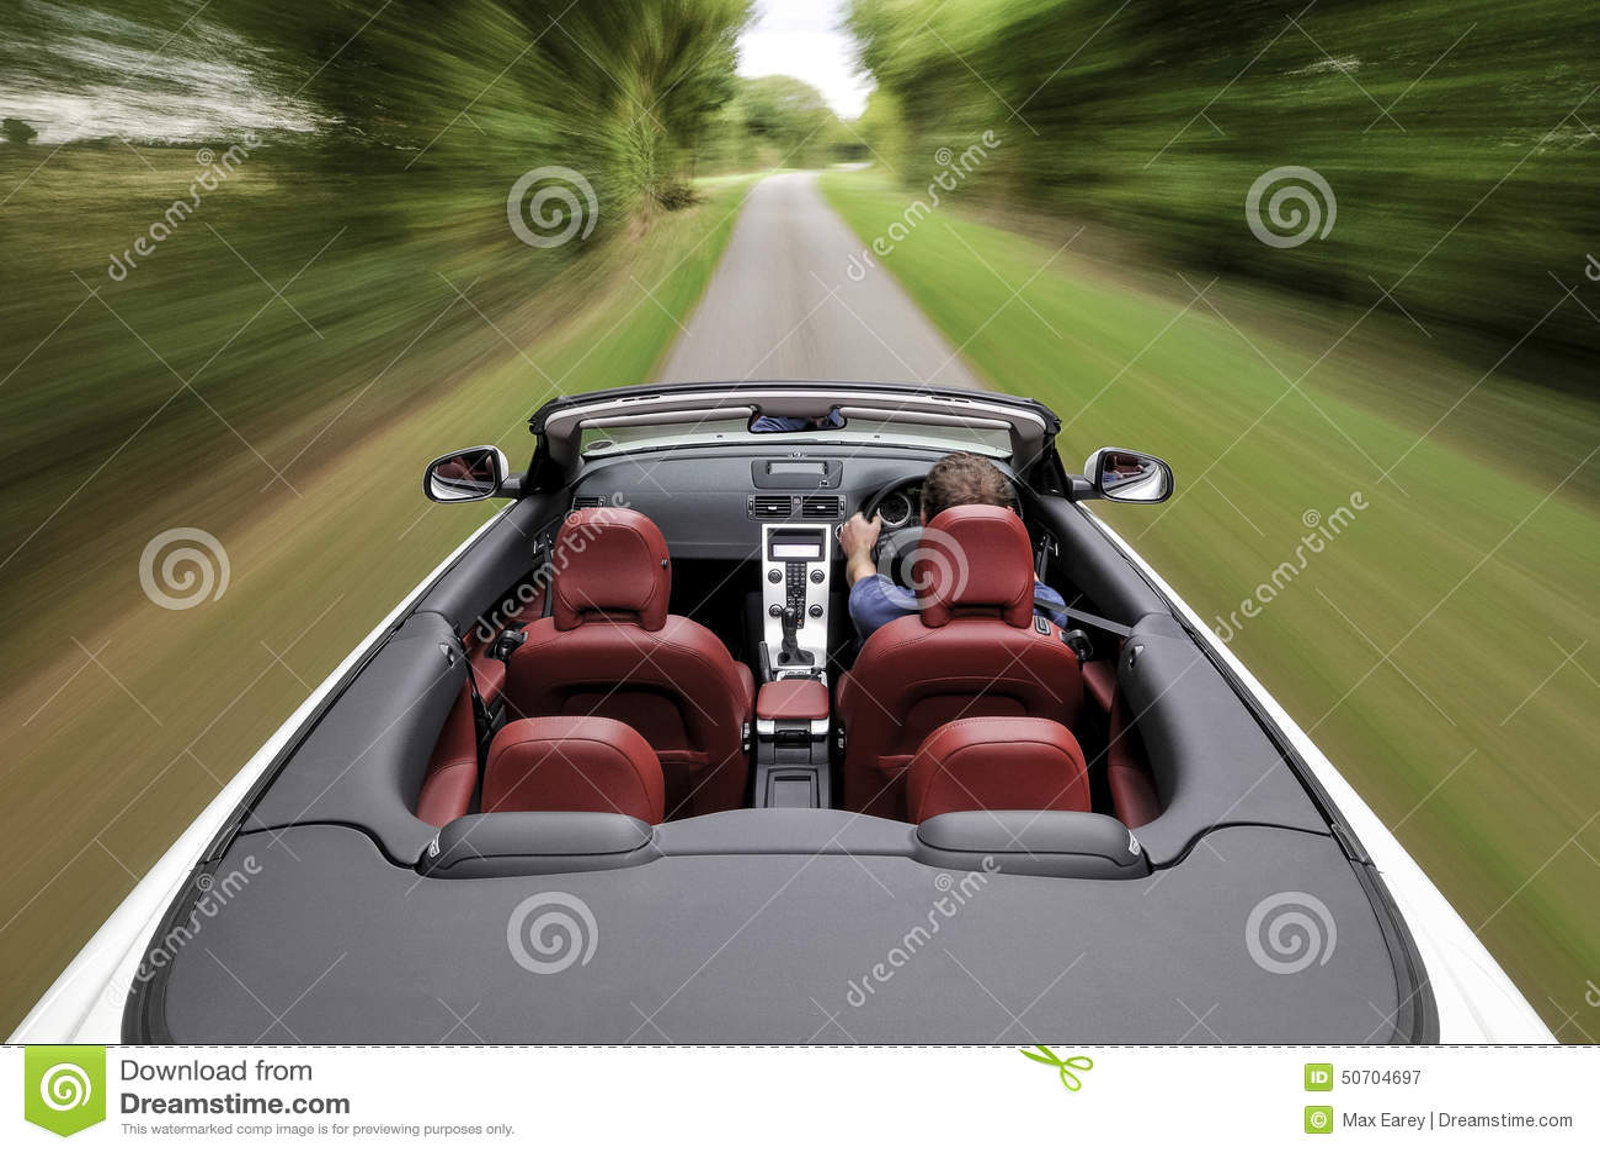 Plama samochodu f przepływu ogniska zdjęcia peterburg kontrola drogowa sant sceny specjalny przyspieszenia tonował x